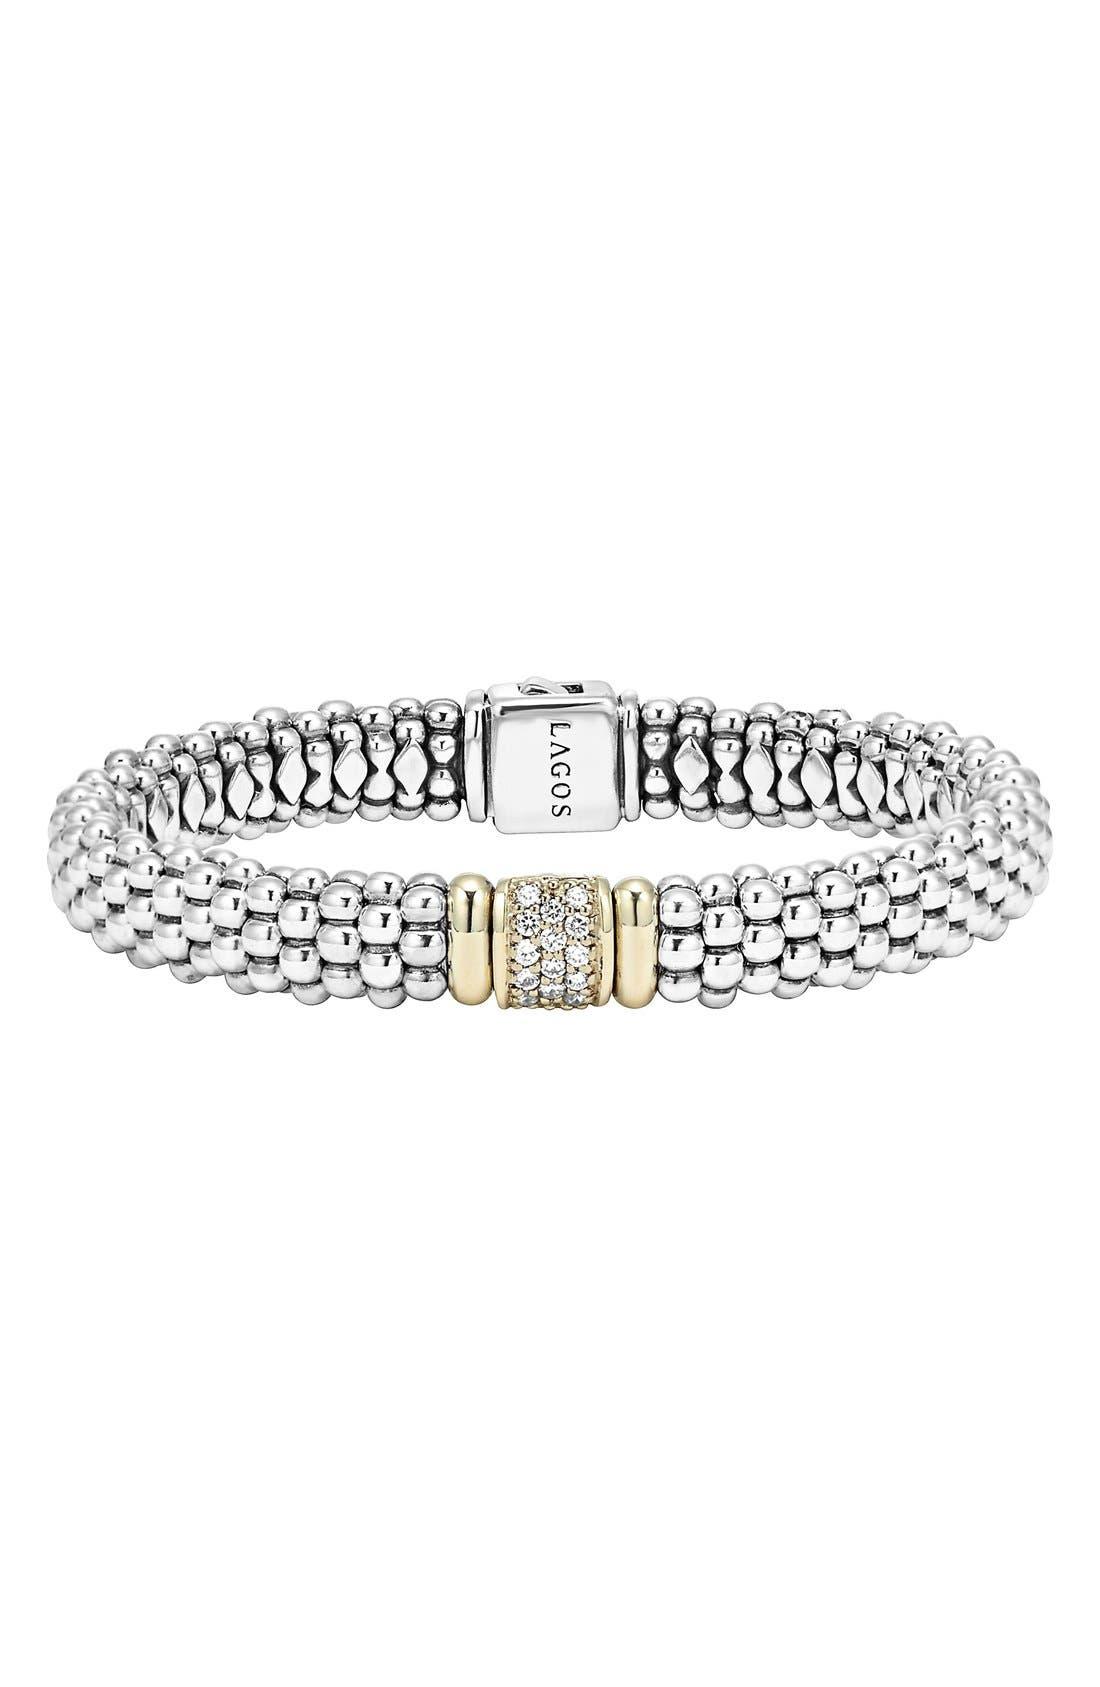 Alternate Image 1 Selected - LAGOS Diamond & Caviar Station Bracelet